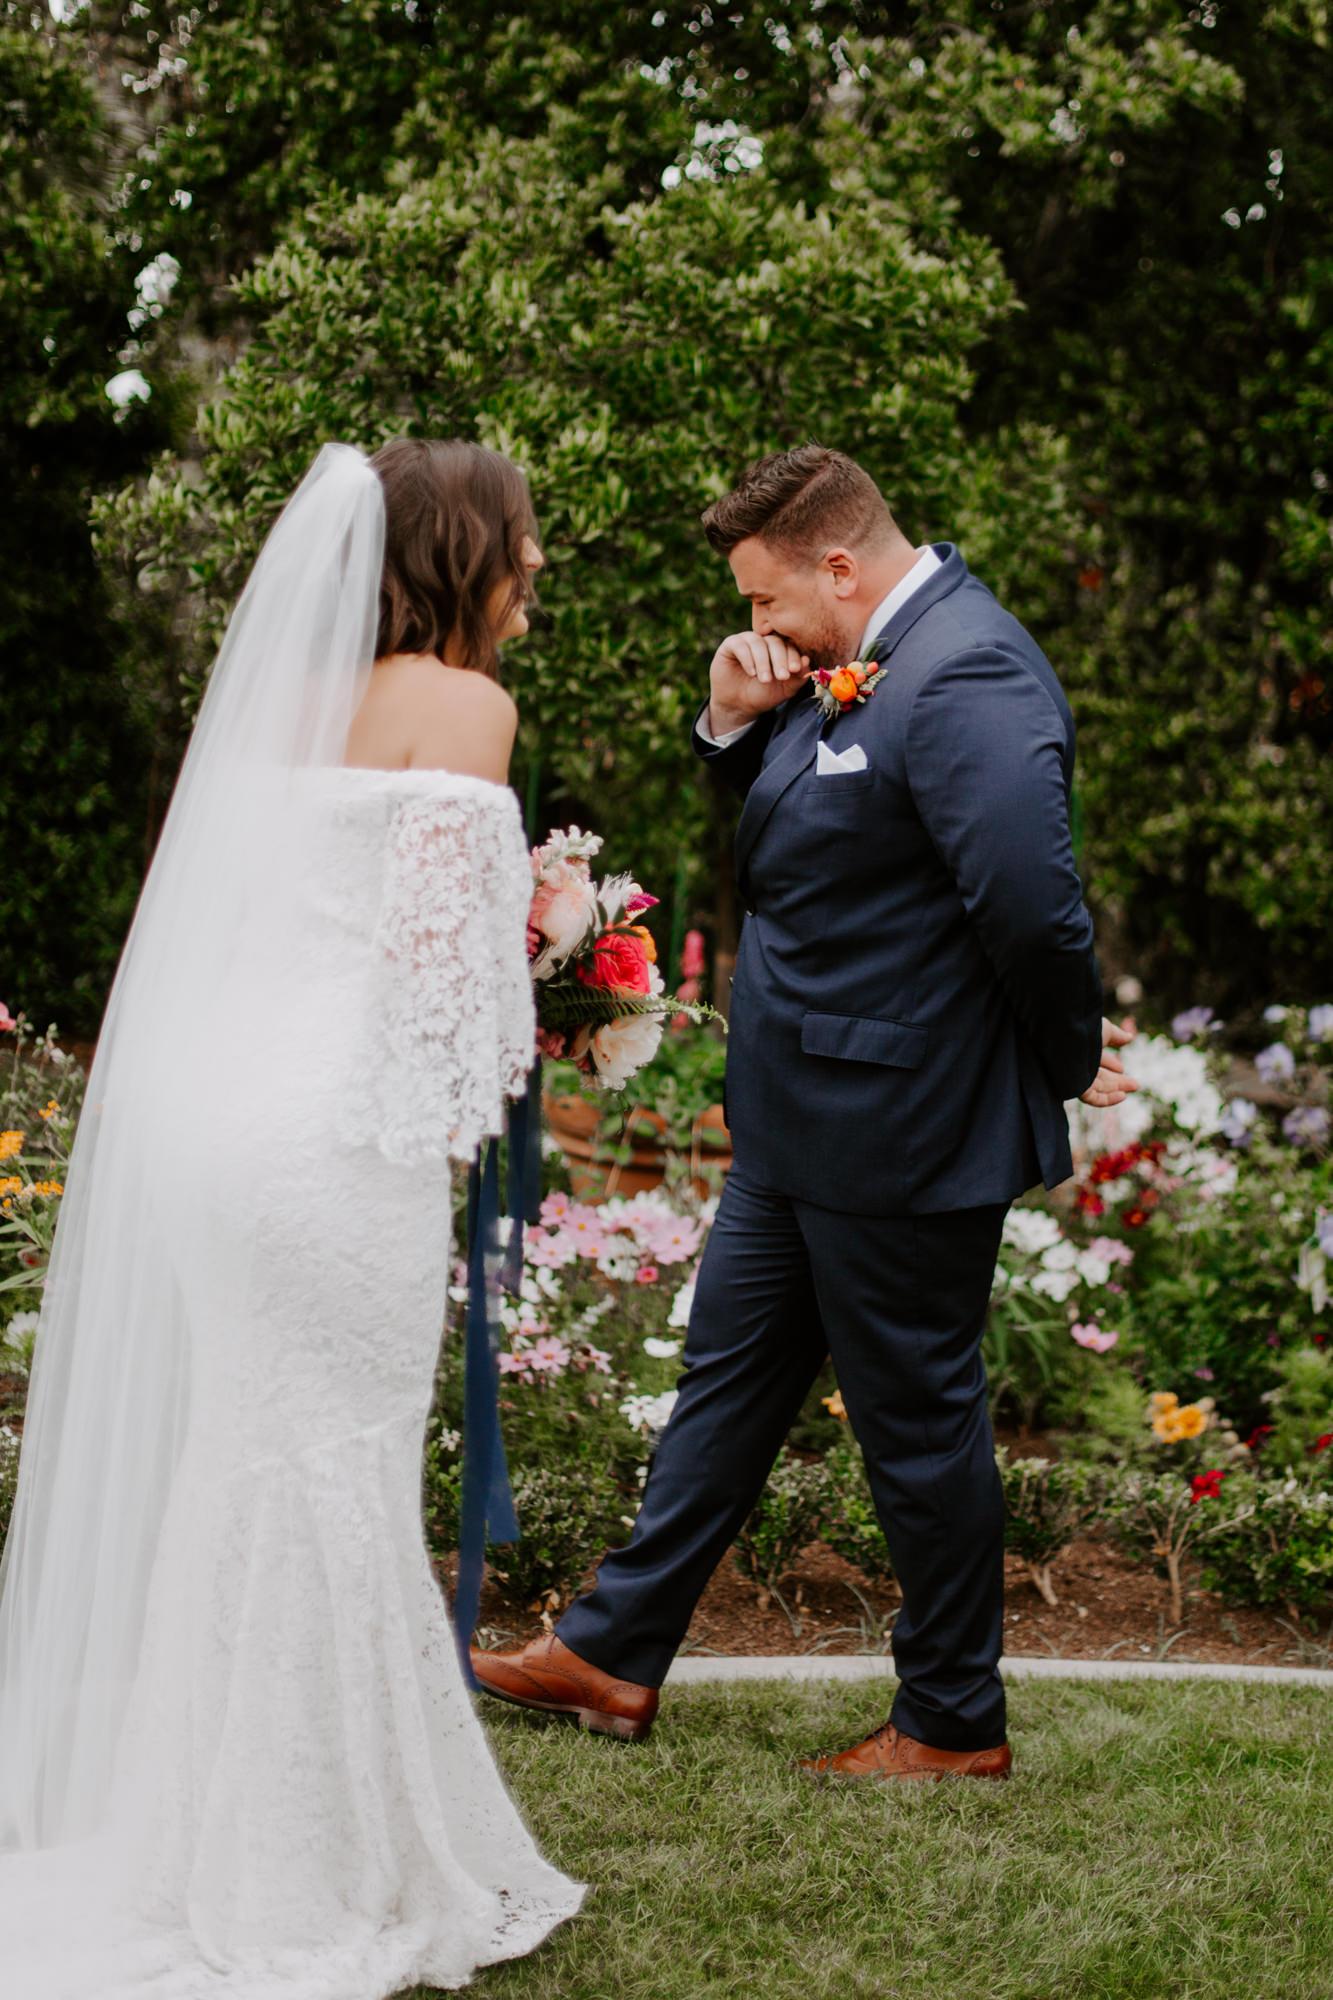 Rancho bernardo Inn san deigo wedding photography0032.jpg